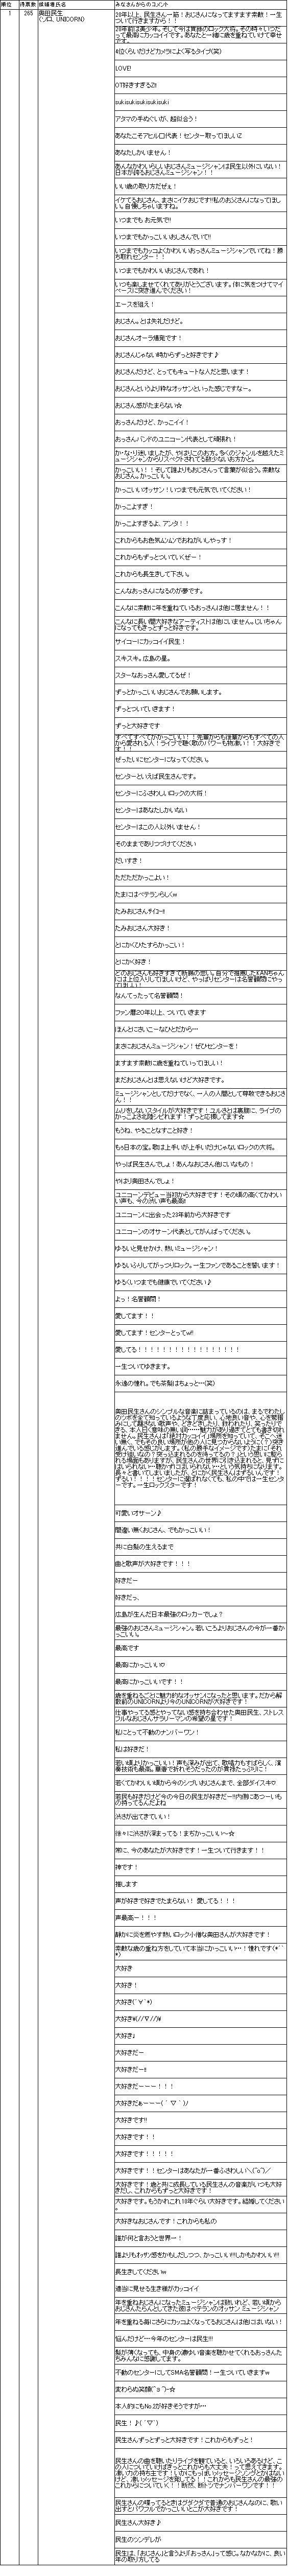 $おじさんミュージシャン総選挙ブログ 【OJM2012】-1_ot_comment